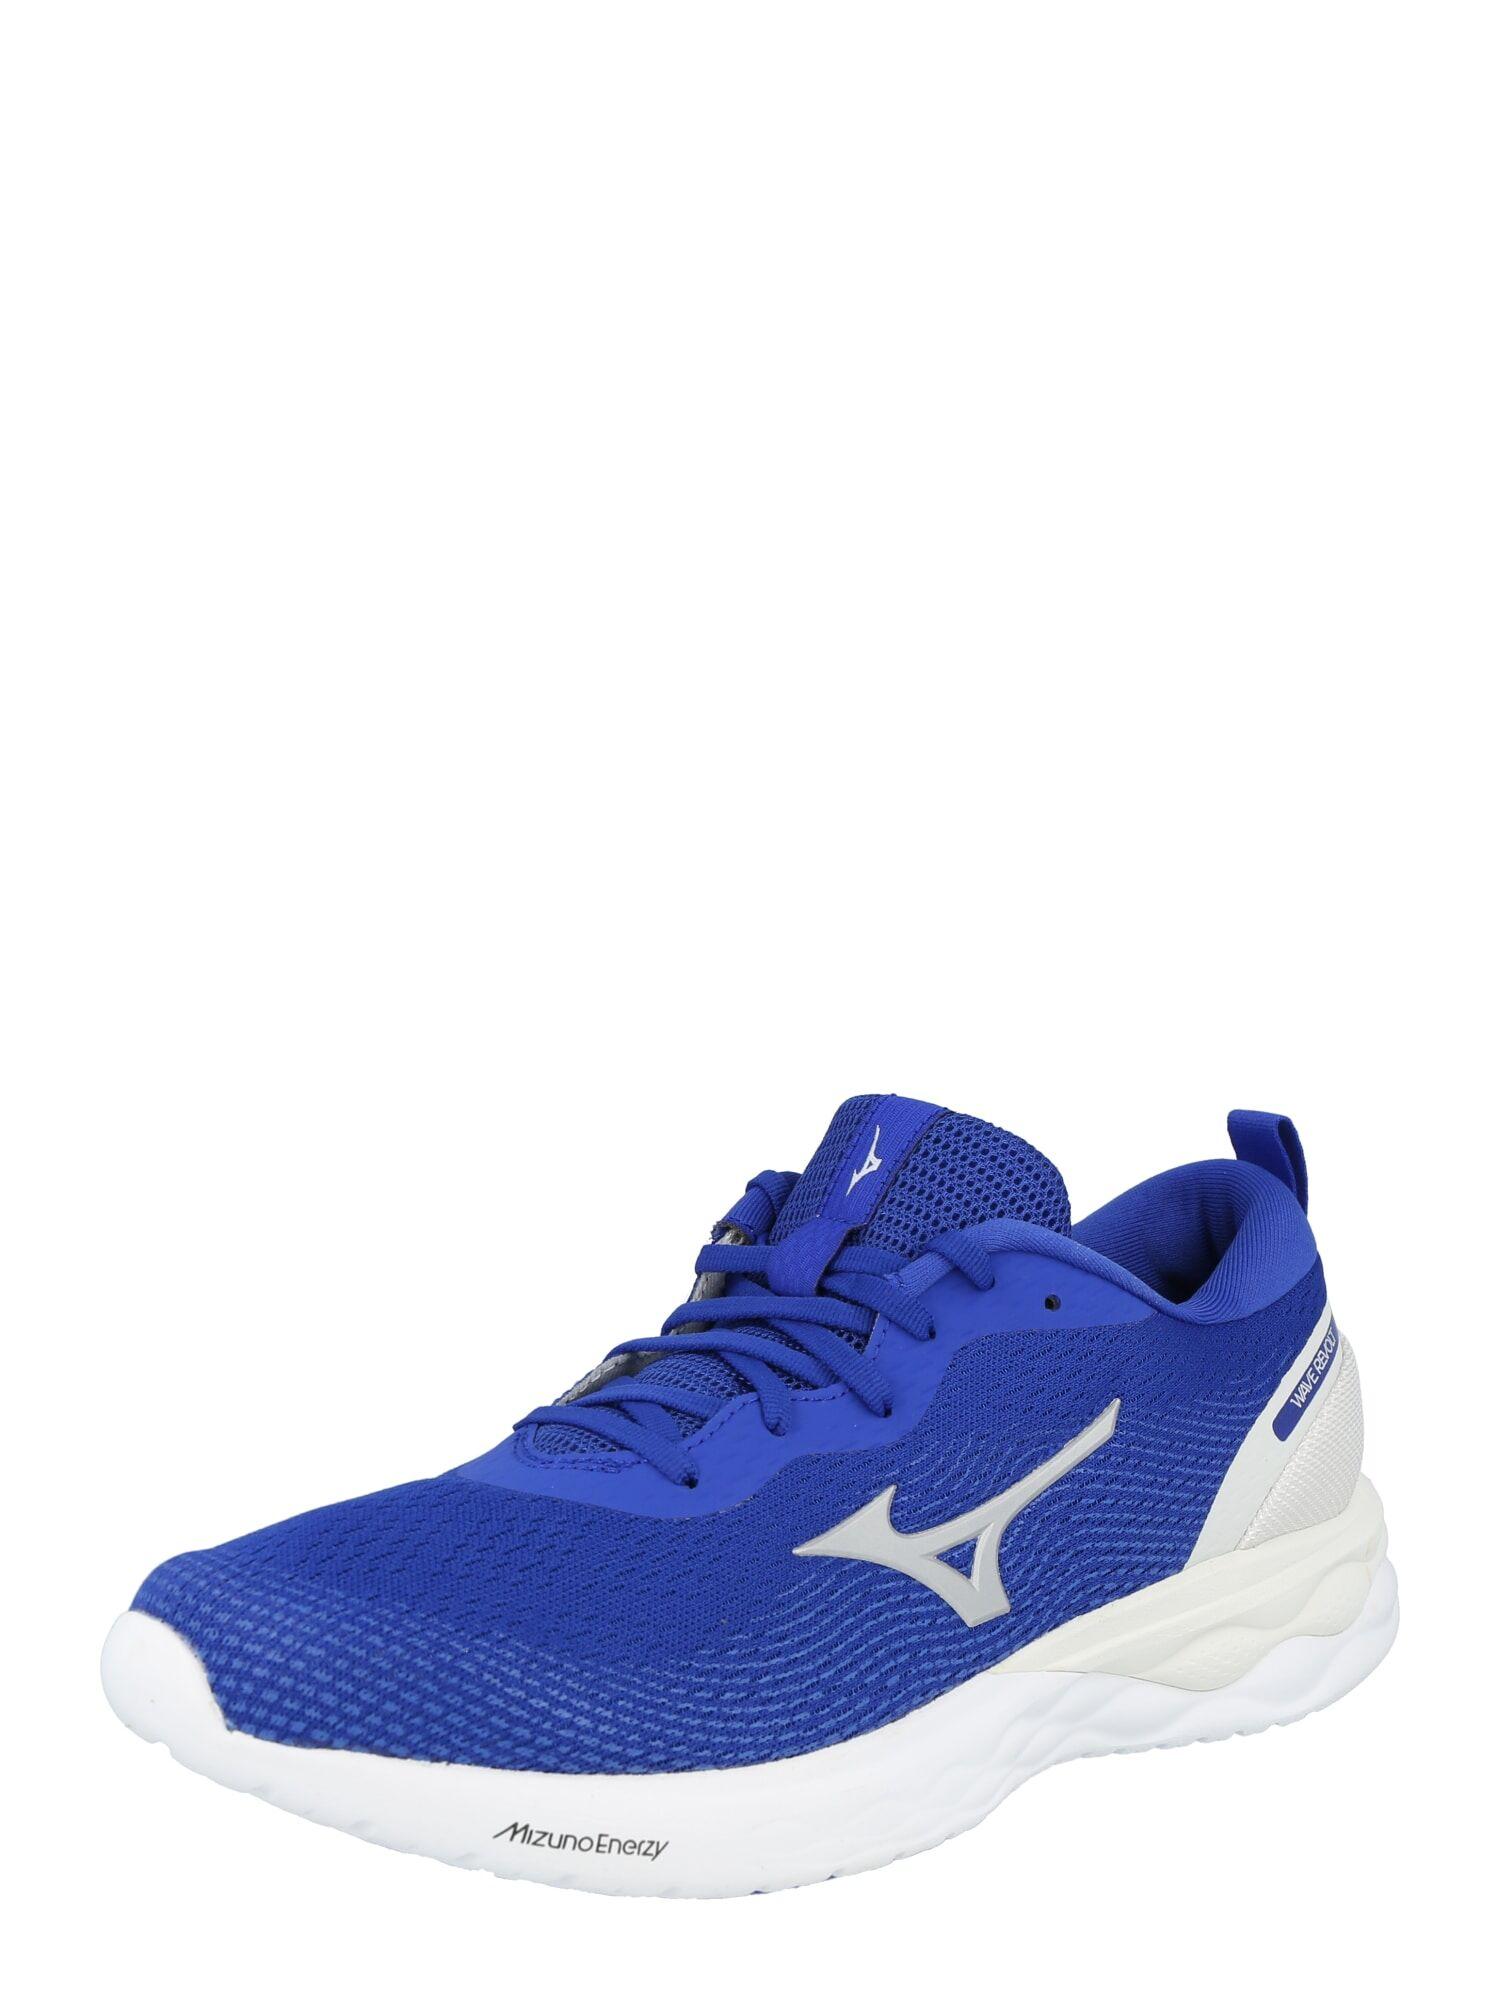 MIZUNO Chaussure de course 'WAVE REVOLT'  - Bleu - Taille: 40.5 - male